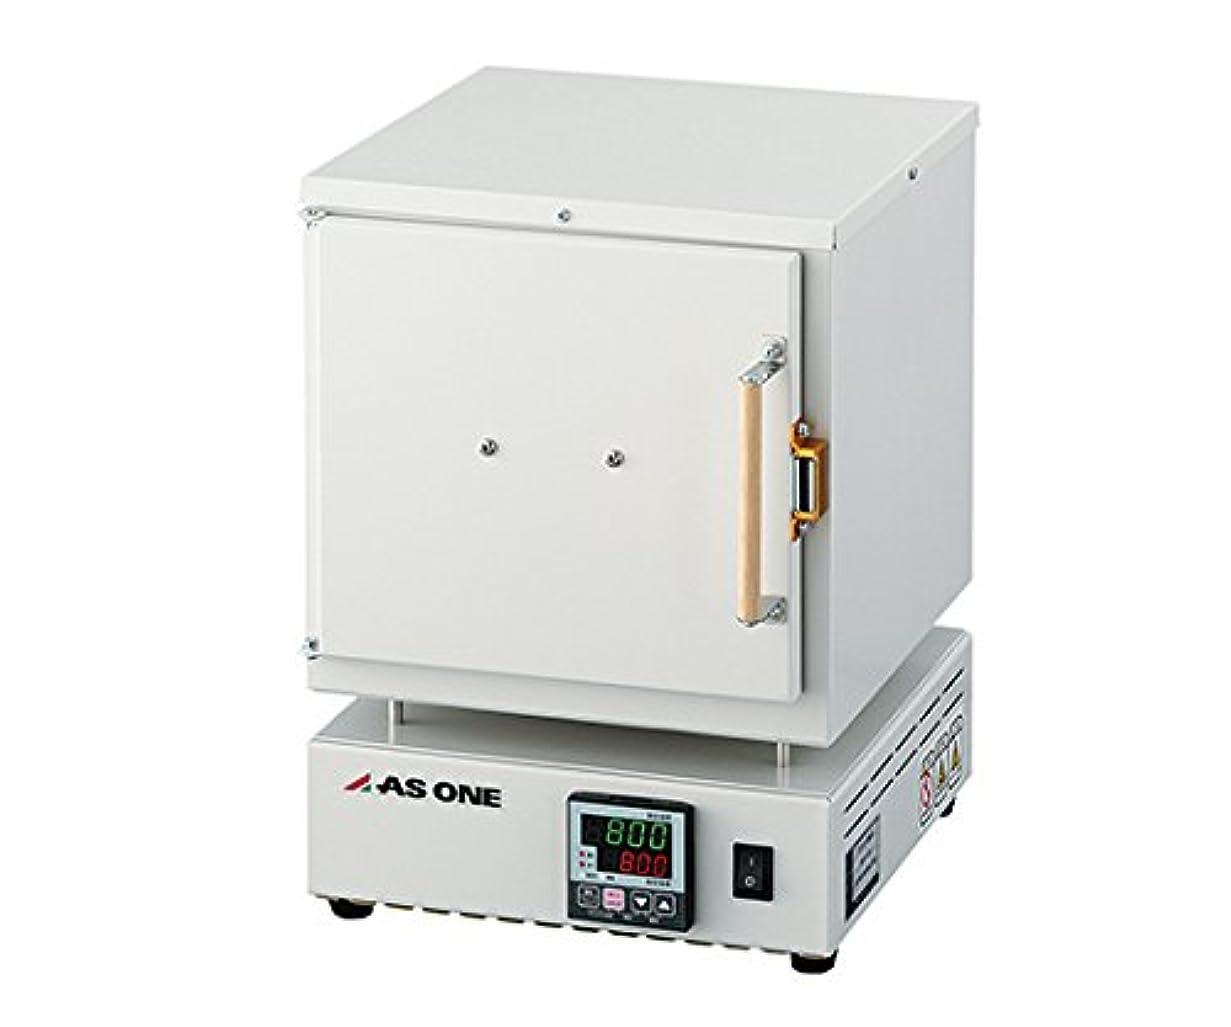 霧間接的退屈アズワン エコノミー電気炉ROP-001P プログラム機能有り /1-5921-02